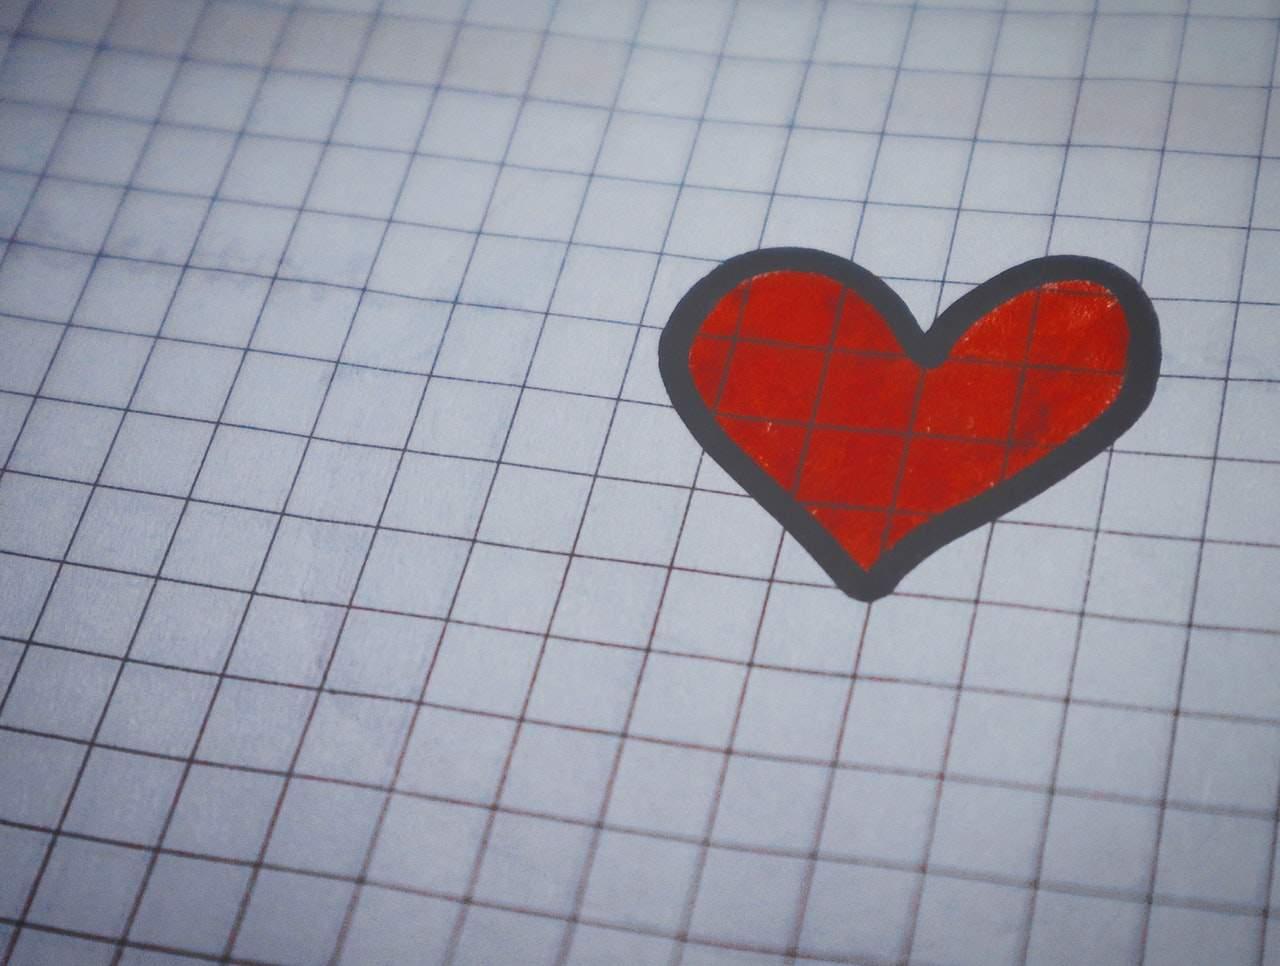 7 фактов о сердце, которые люди обычно не знают